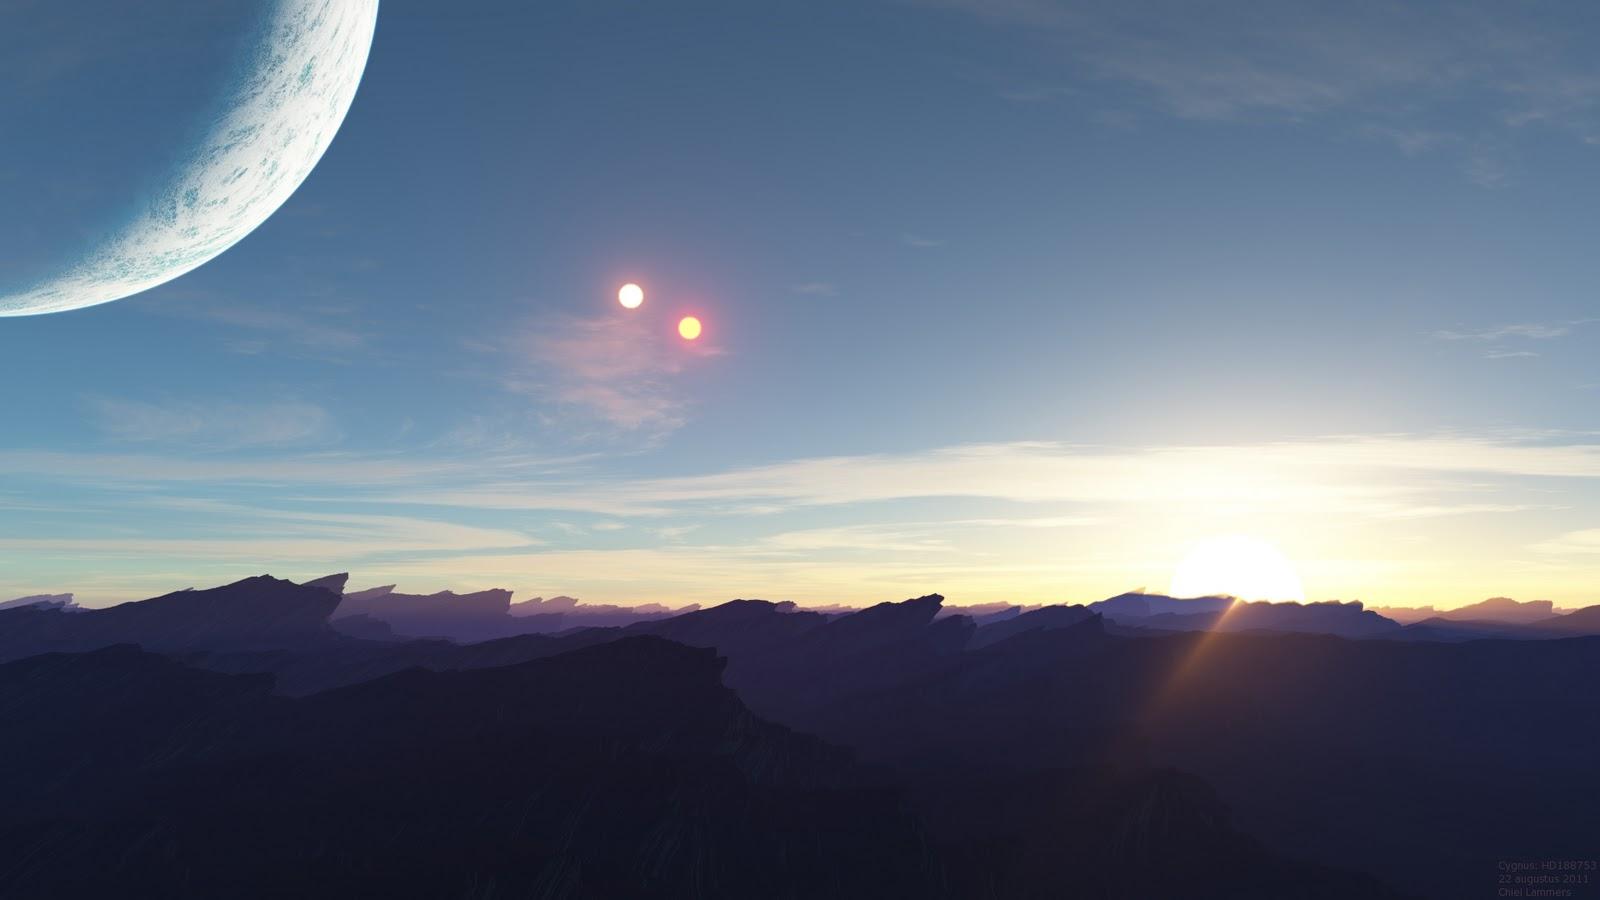 wizualizacja zachodu trzech słońc